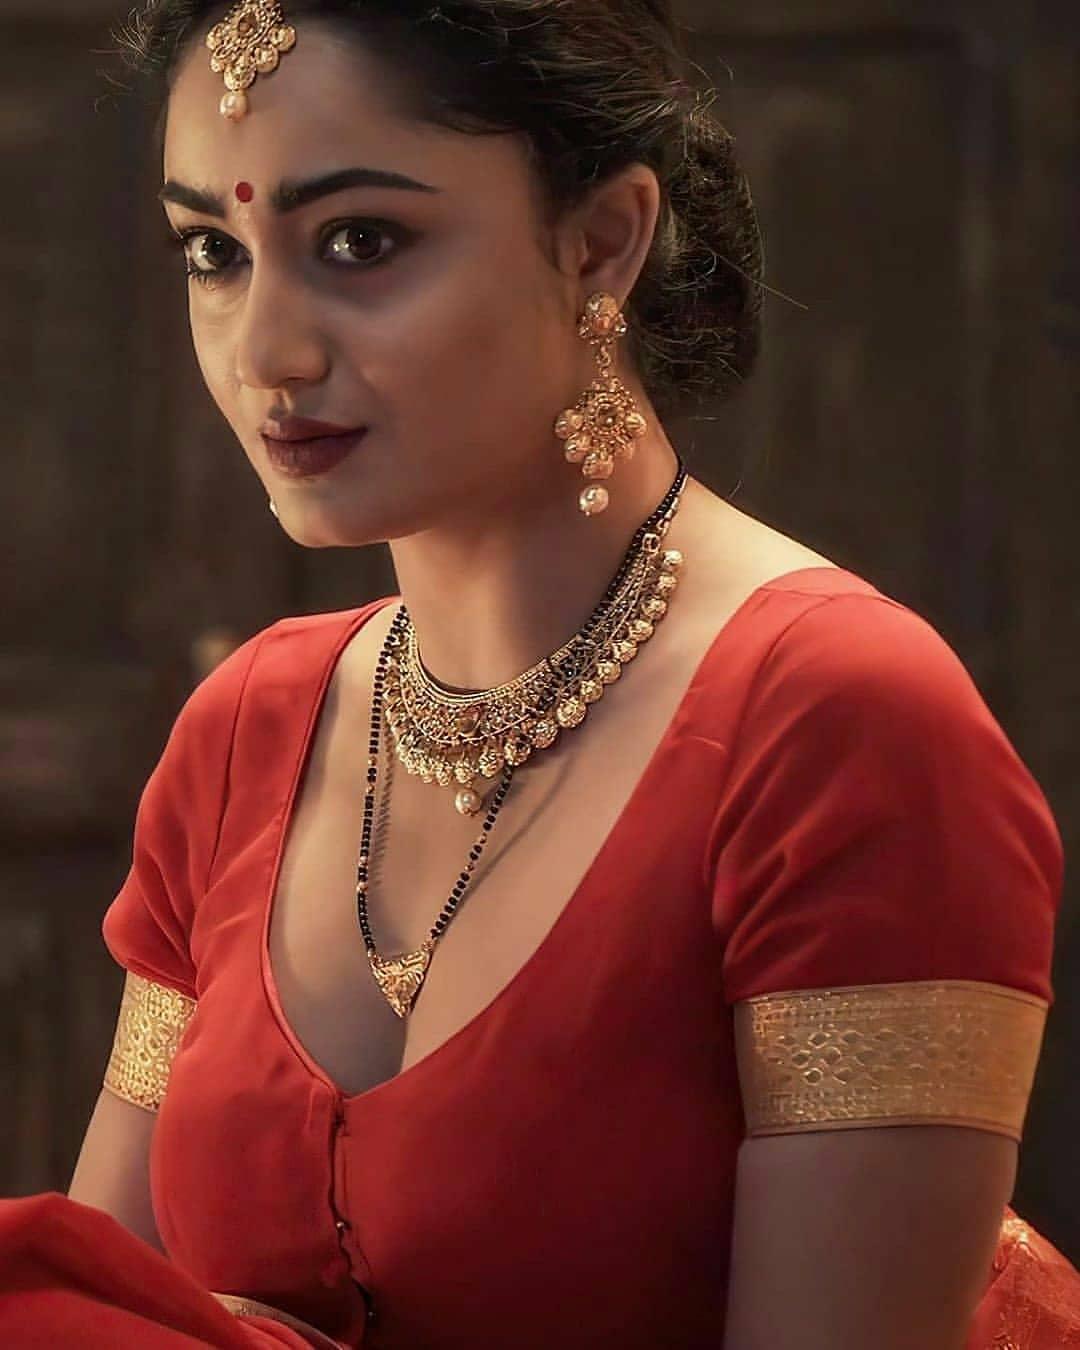 Tridha choudhury 19